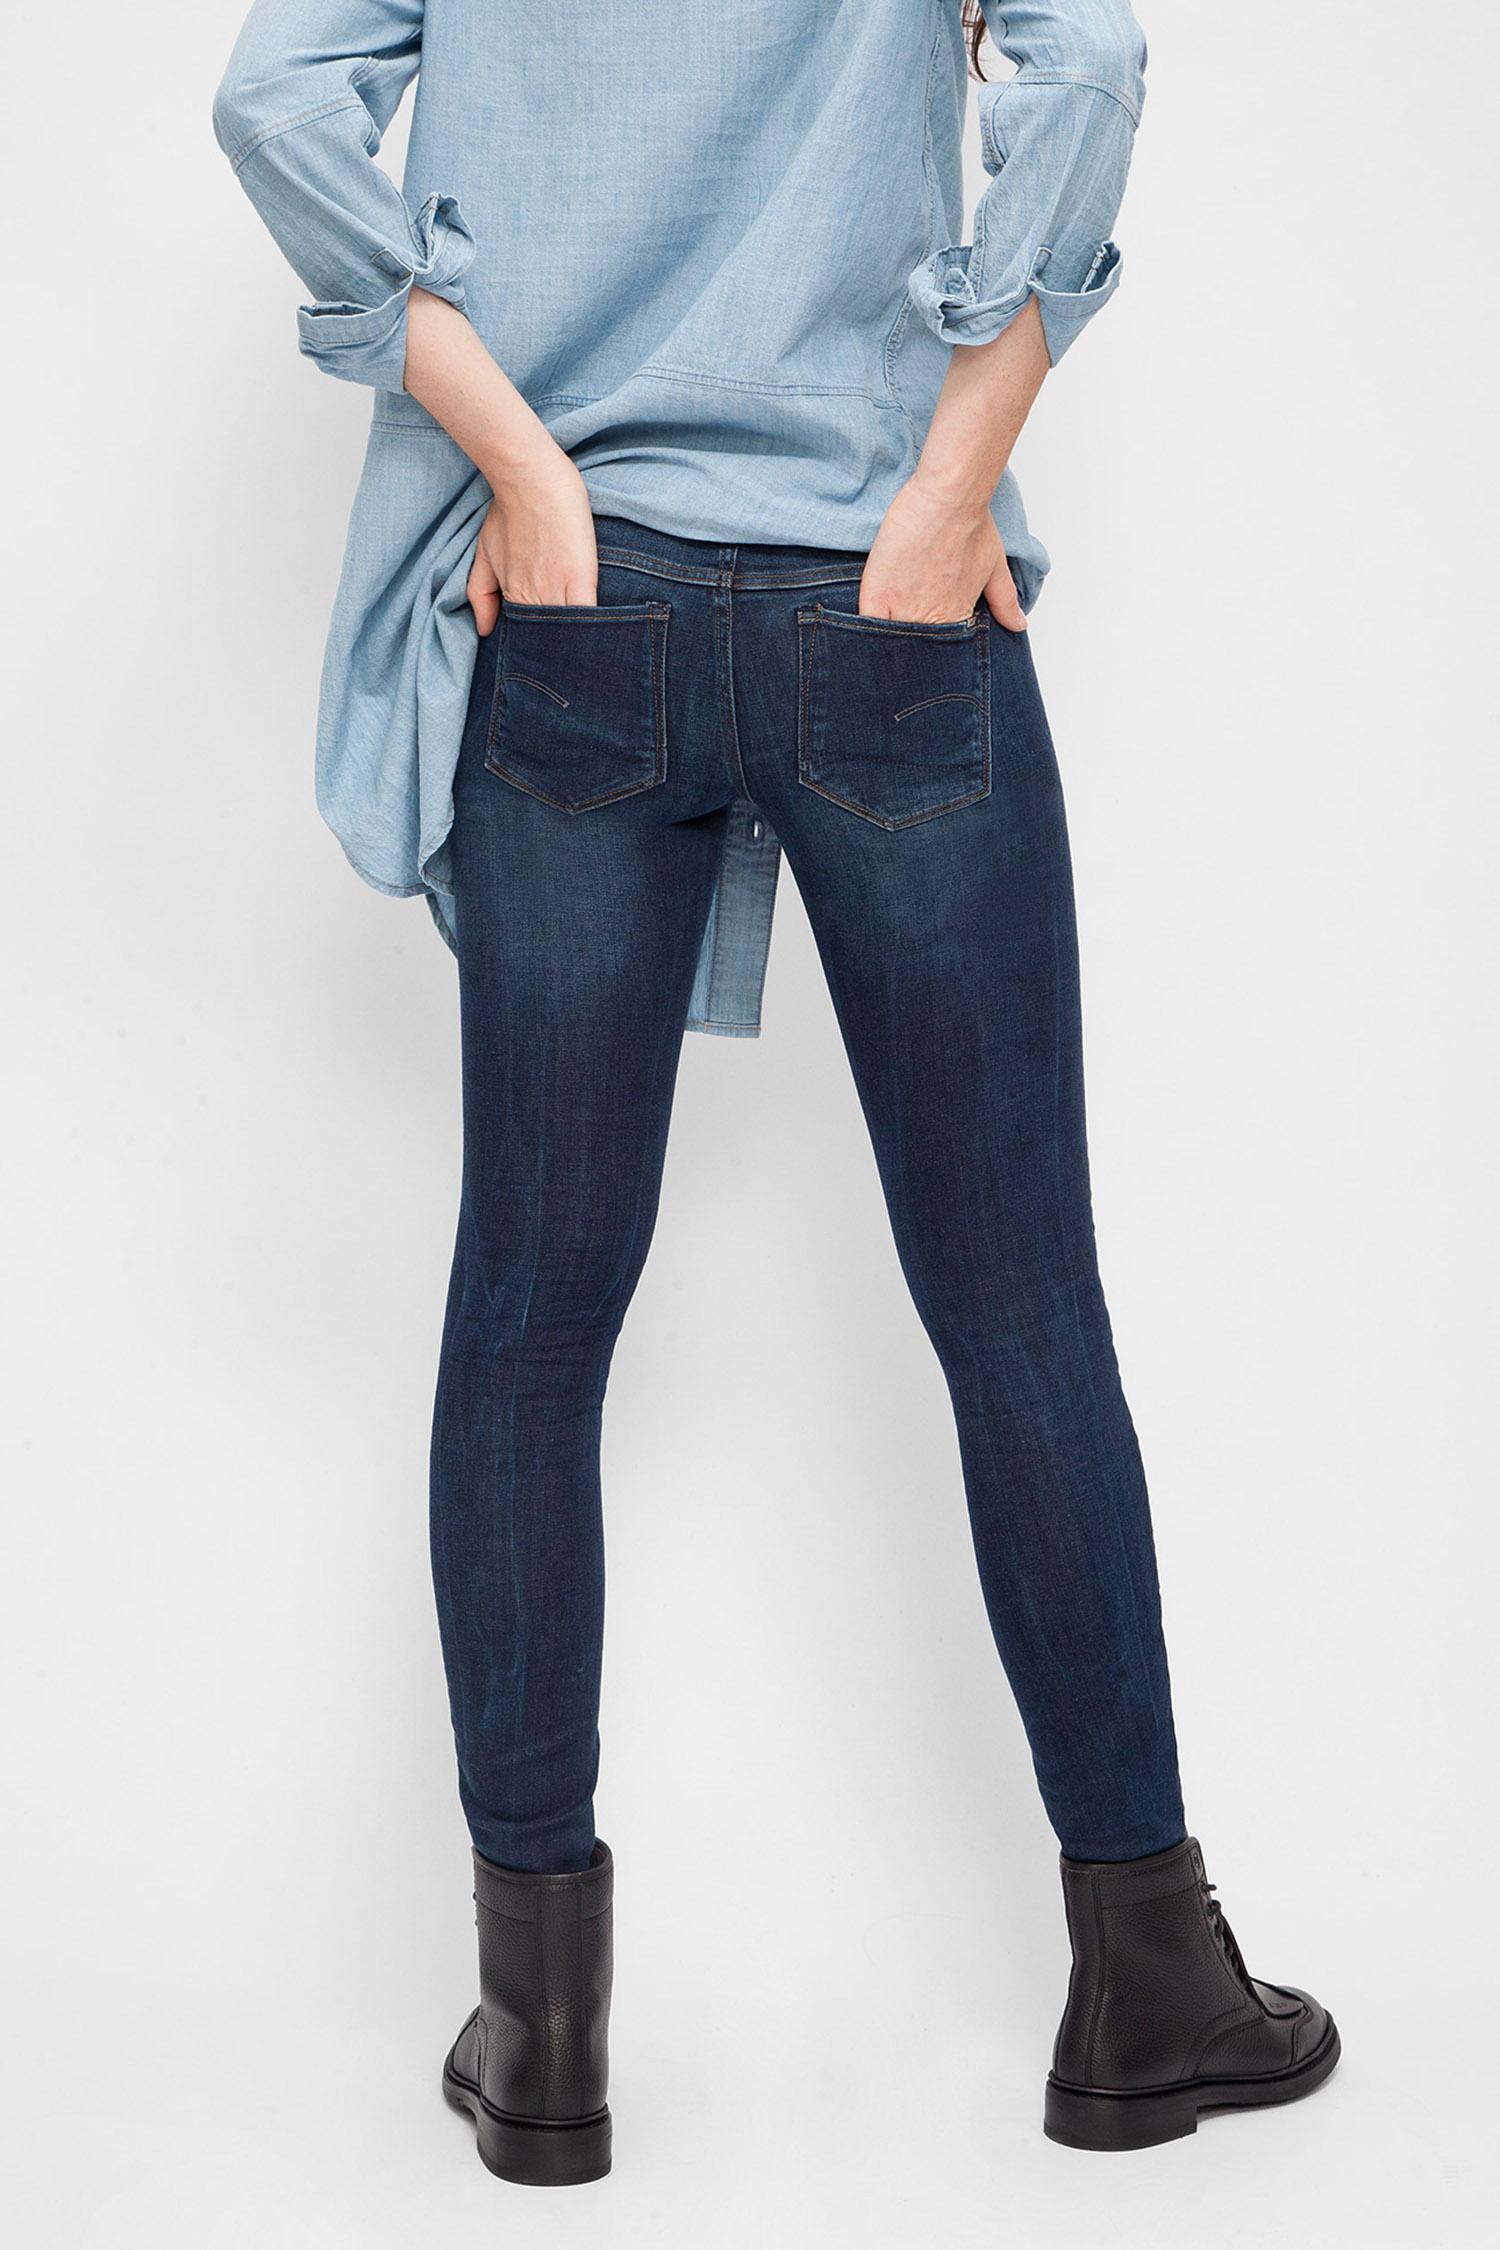 Купить Женские синие джинсы Low Skinny G-Star RAW G-Star RAW 60878,6553 – Киев, Украина. Цены в интернет магазине MD Fashion